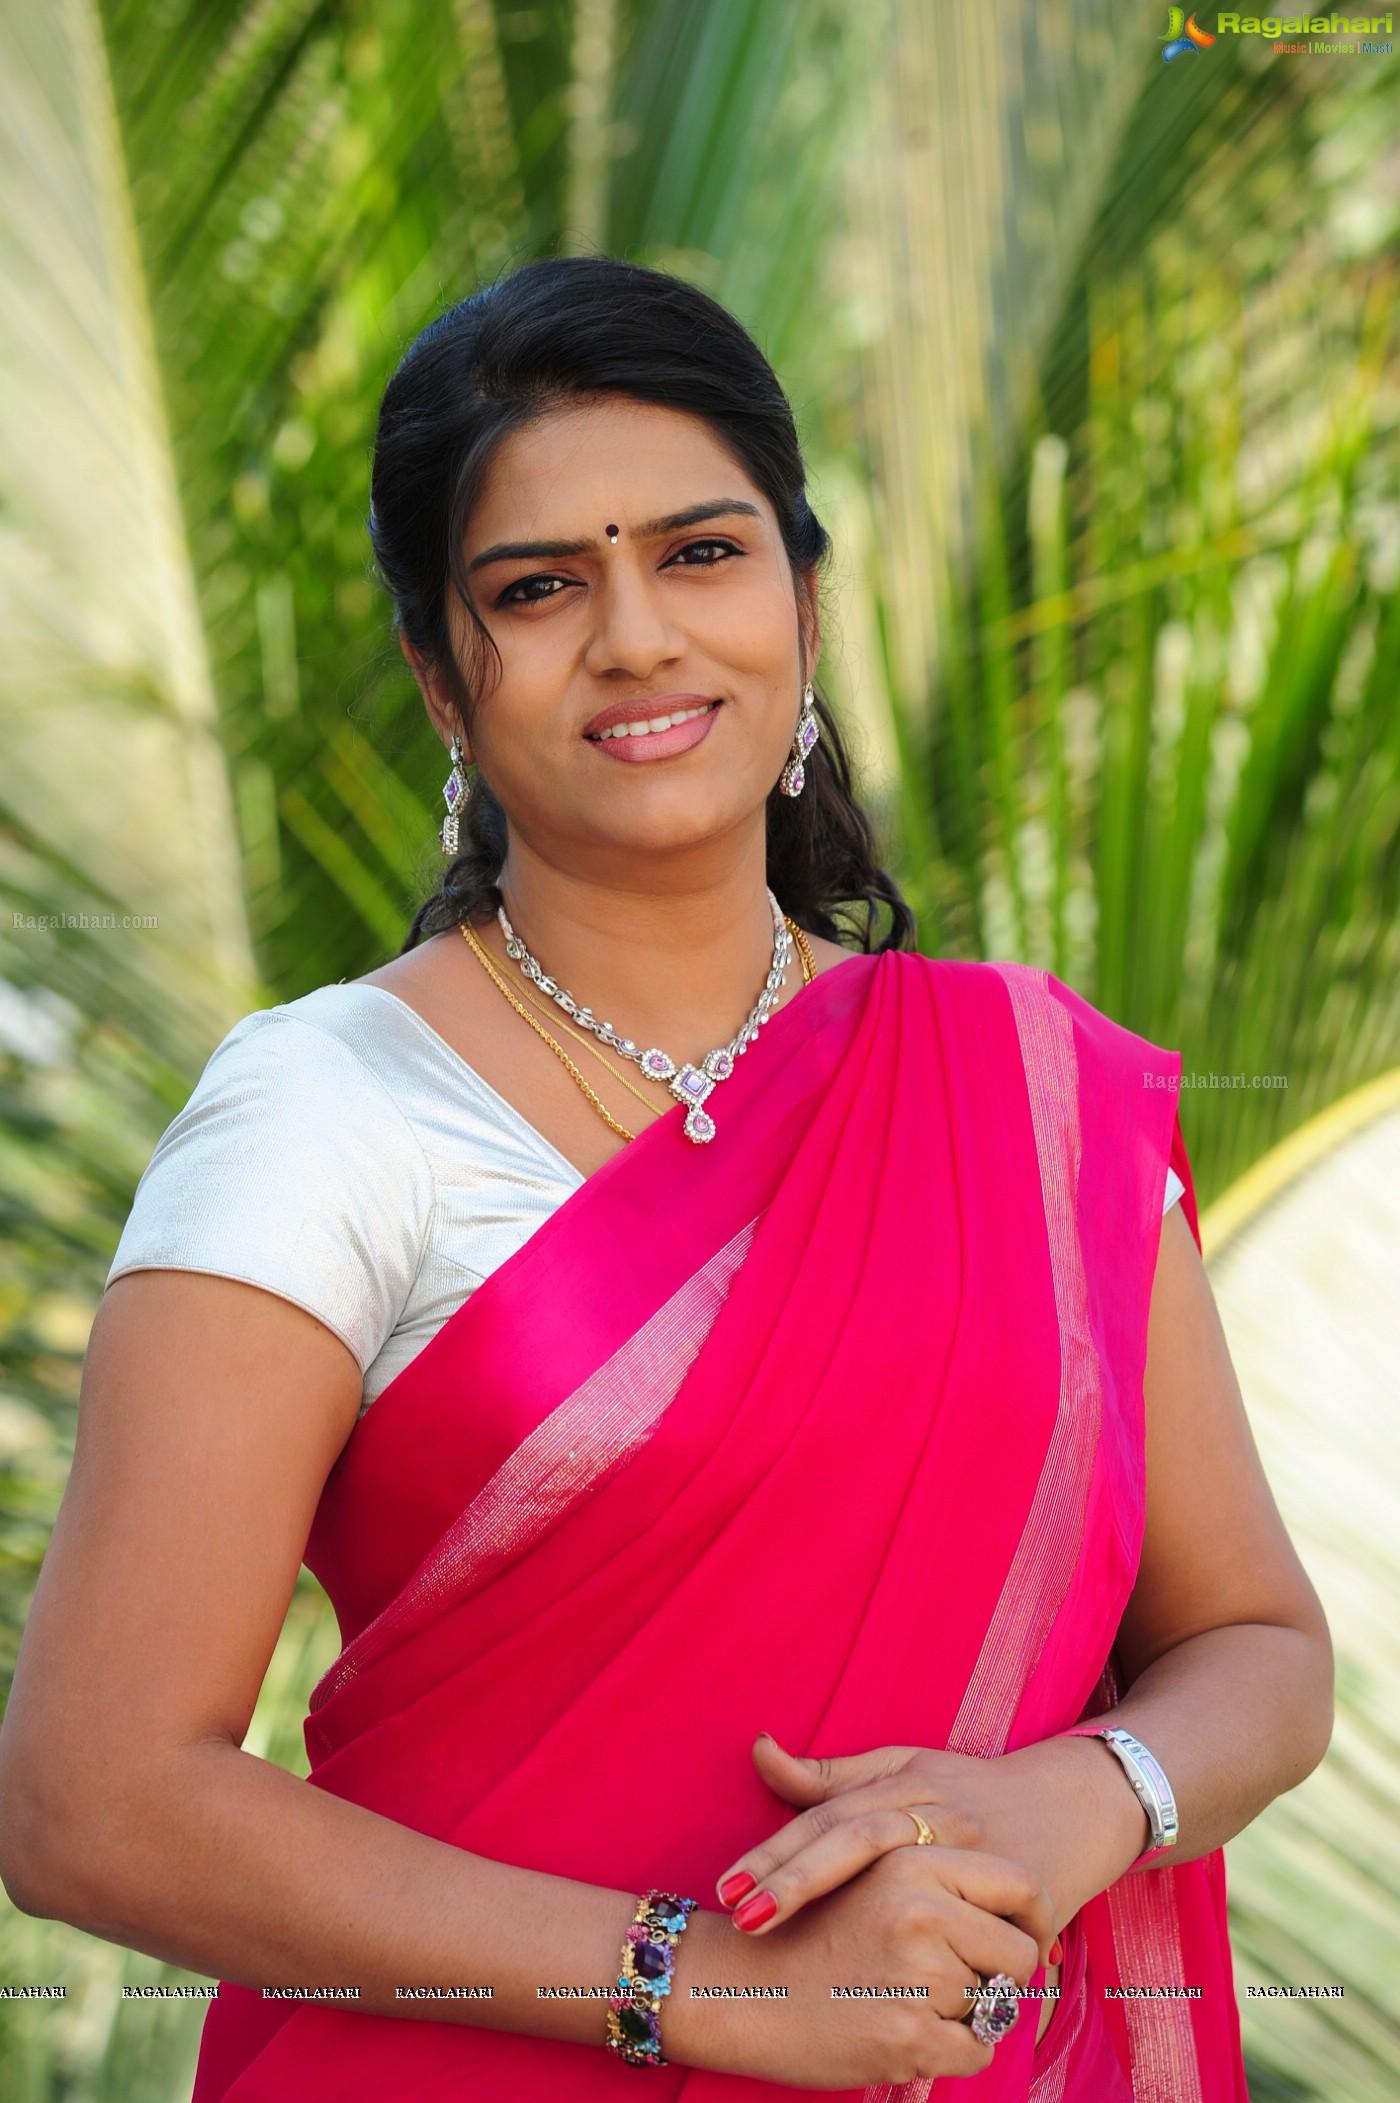 Telugu cinema character artist bhavana in pink saree hq photos bhavana in pink saree altavistaventures Gallery